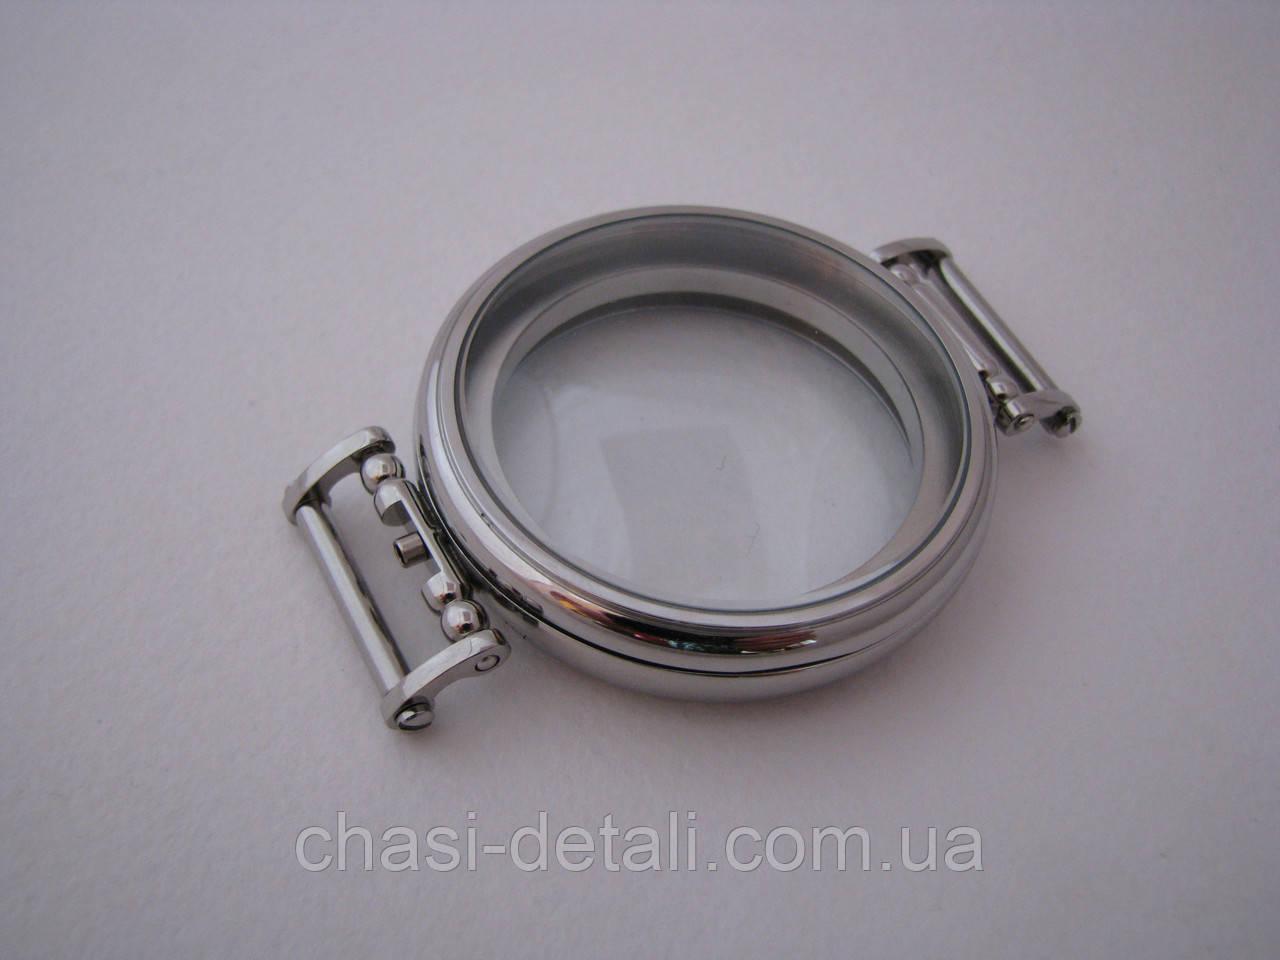 Корпус для годинників, сталевий. Діаметр 49,80 мм. Годинник